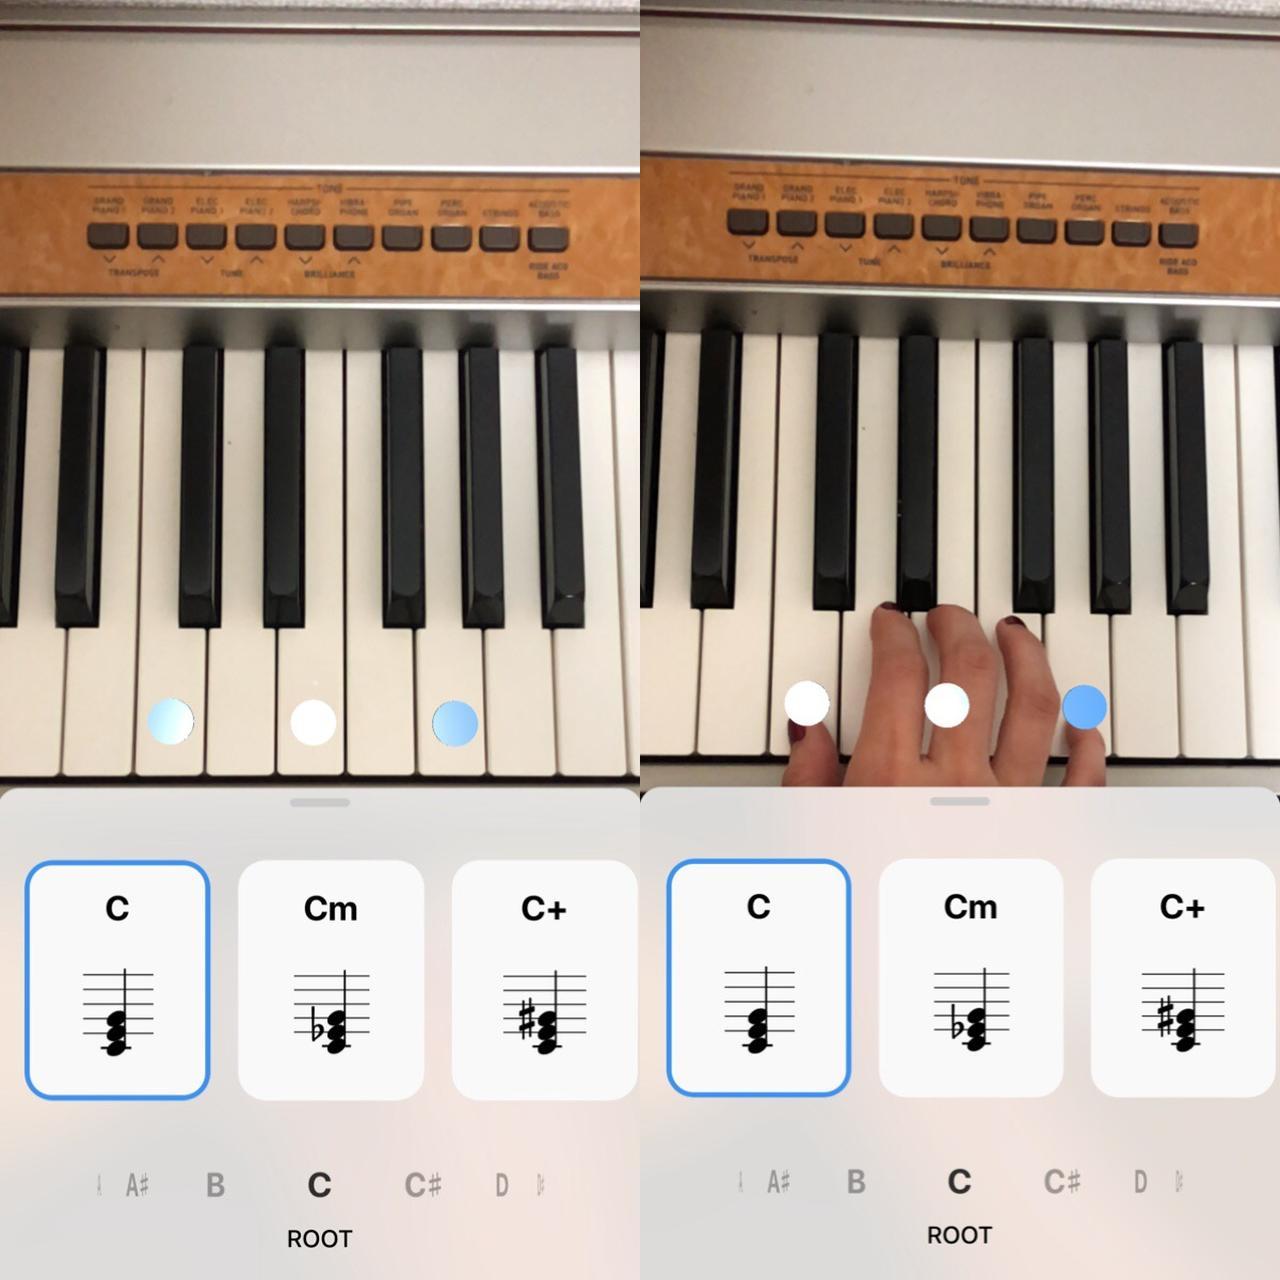 画像1: マーカーが出たところを弾くだけで正しい和音が演奏できる!